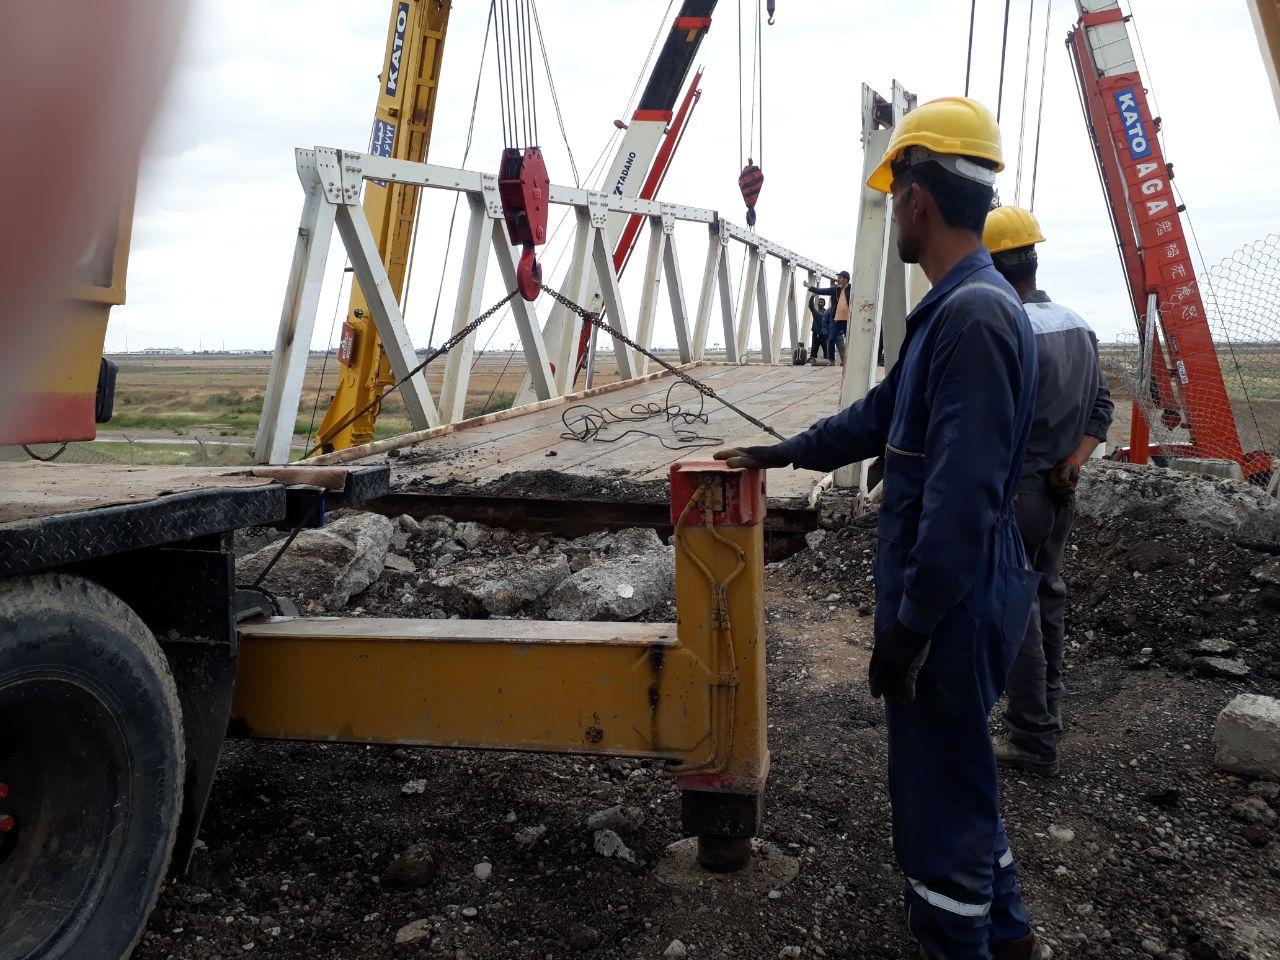 دمونتاژ پل فلزی قدیمی در معبر مرزی سرخس- ترکمنستان